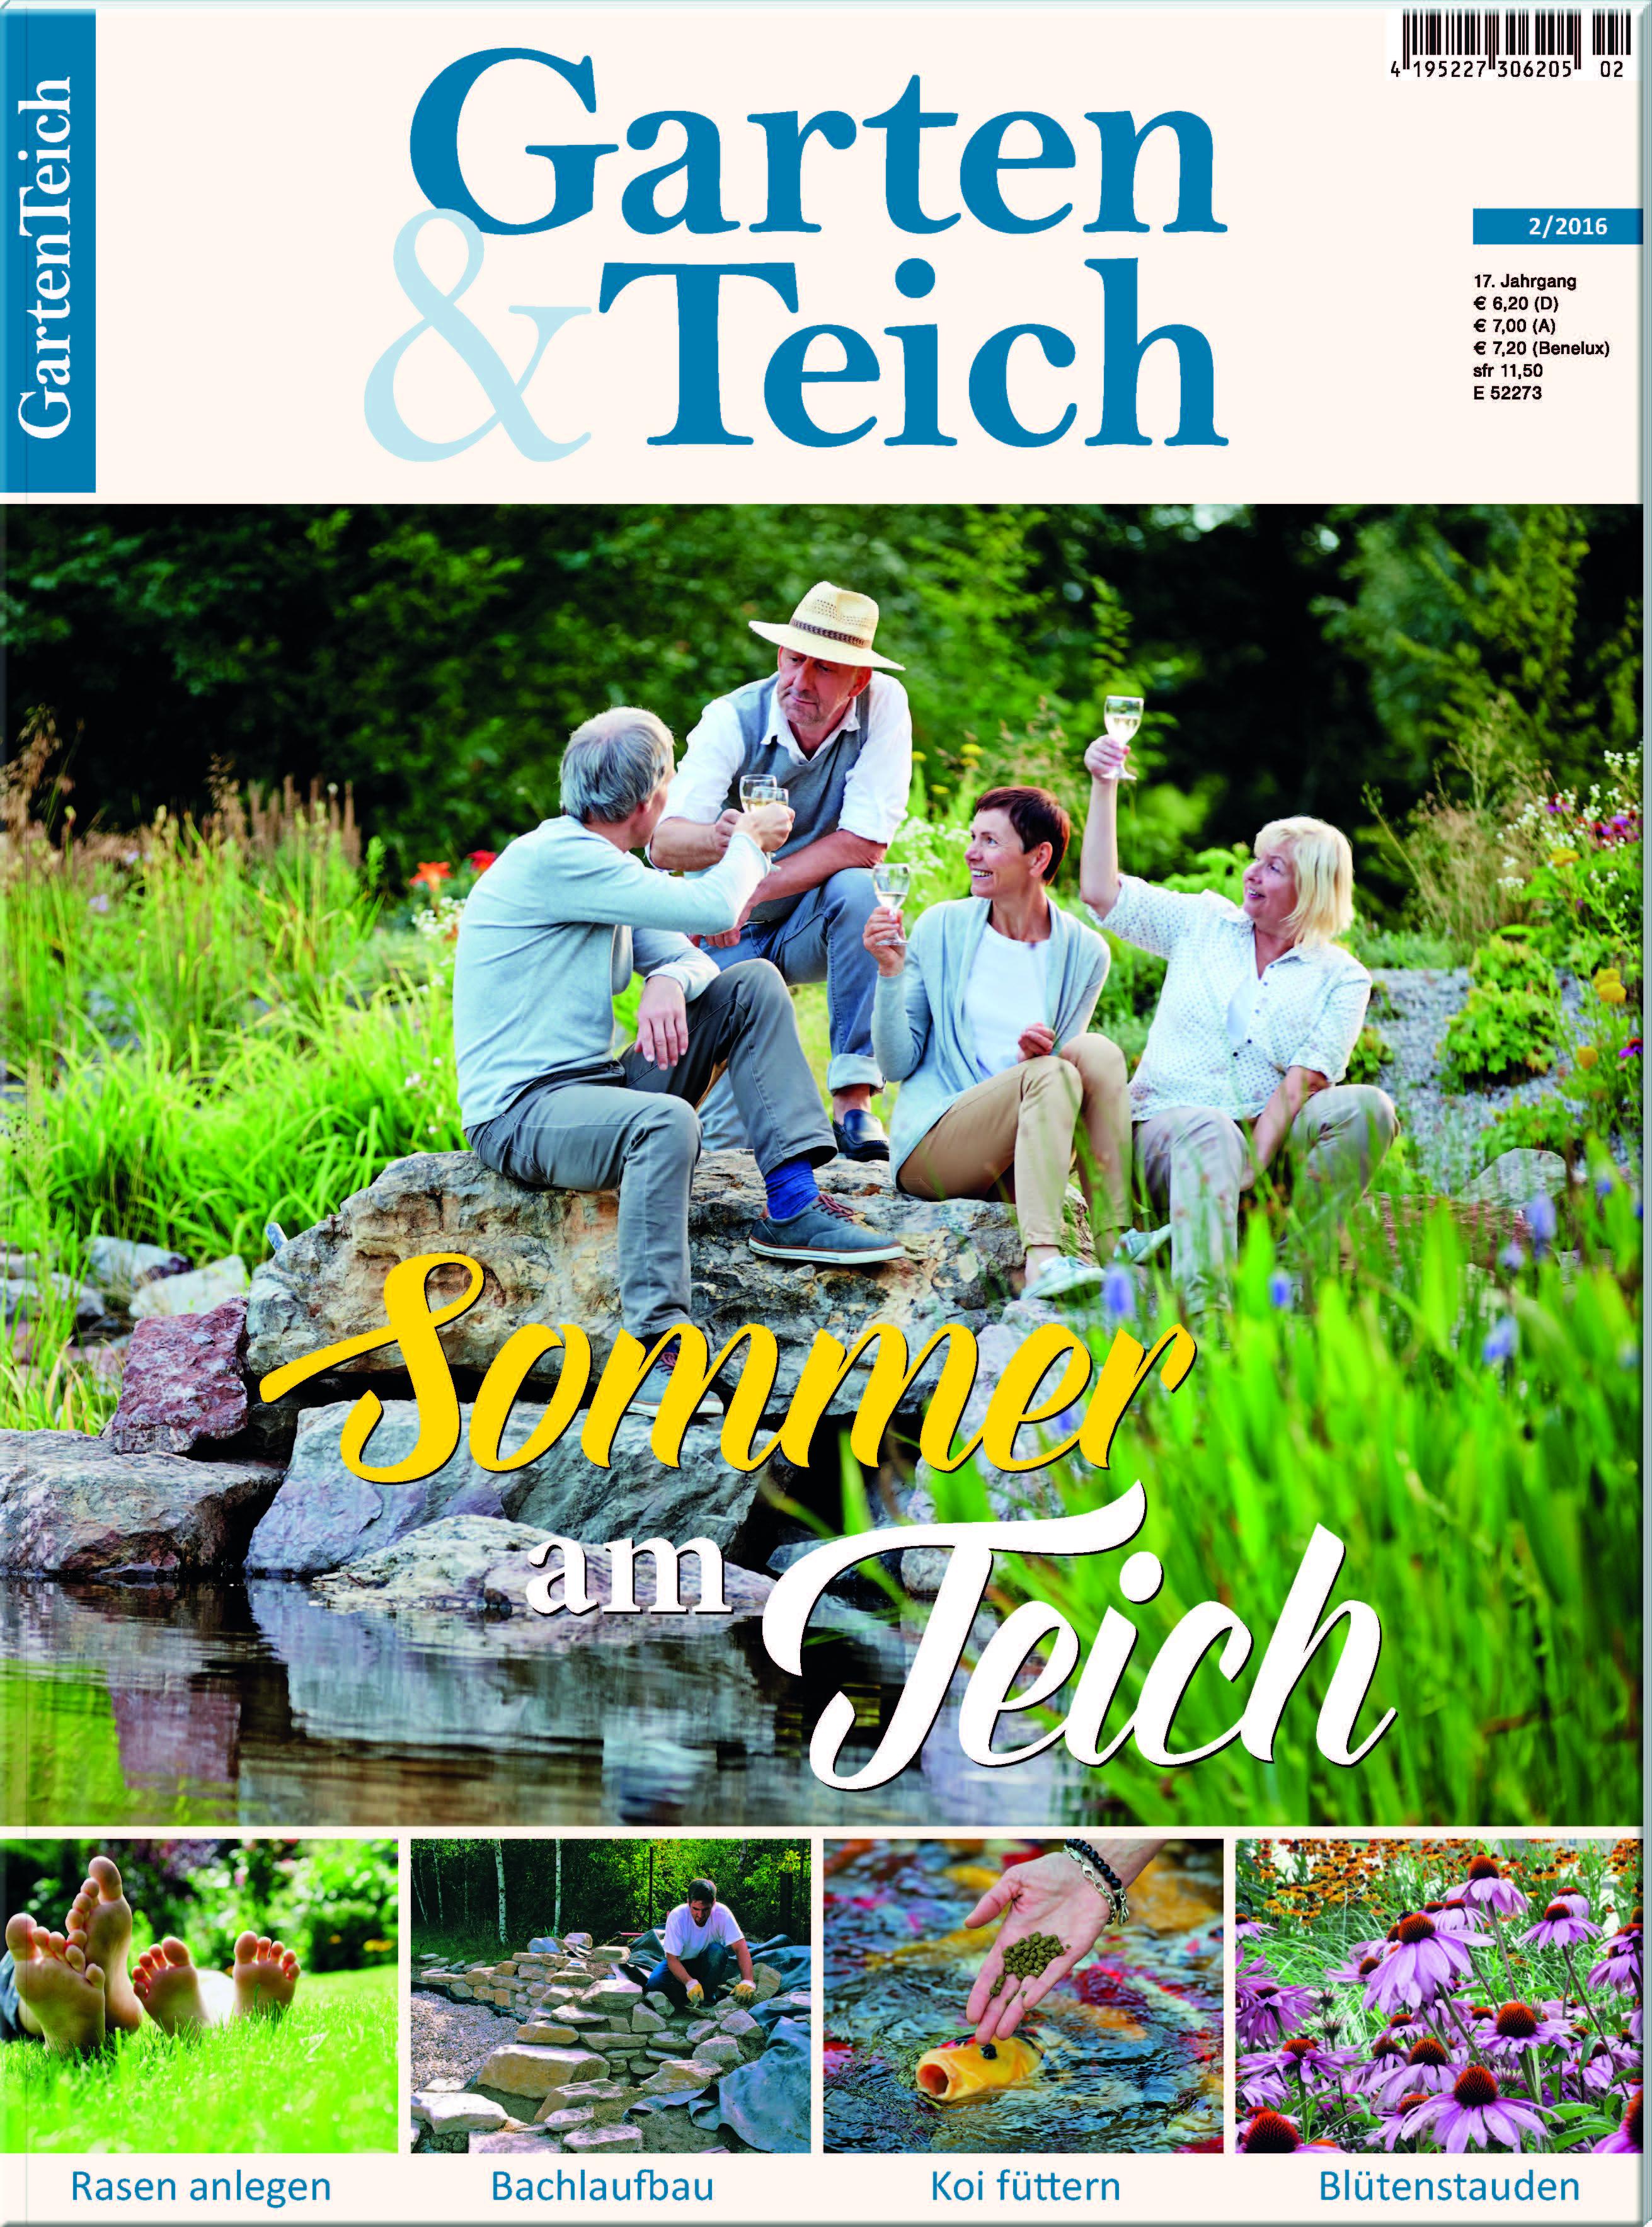 Garten teich 2 2016 for Muscheln im gartenteich